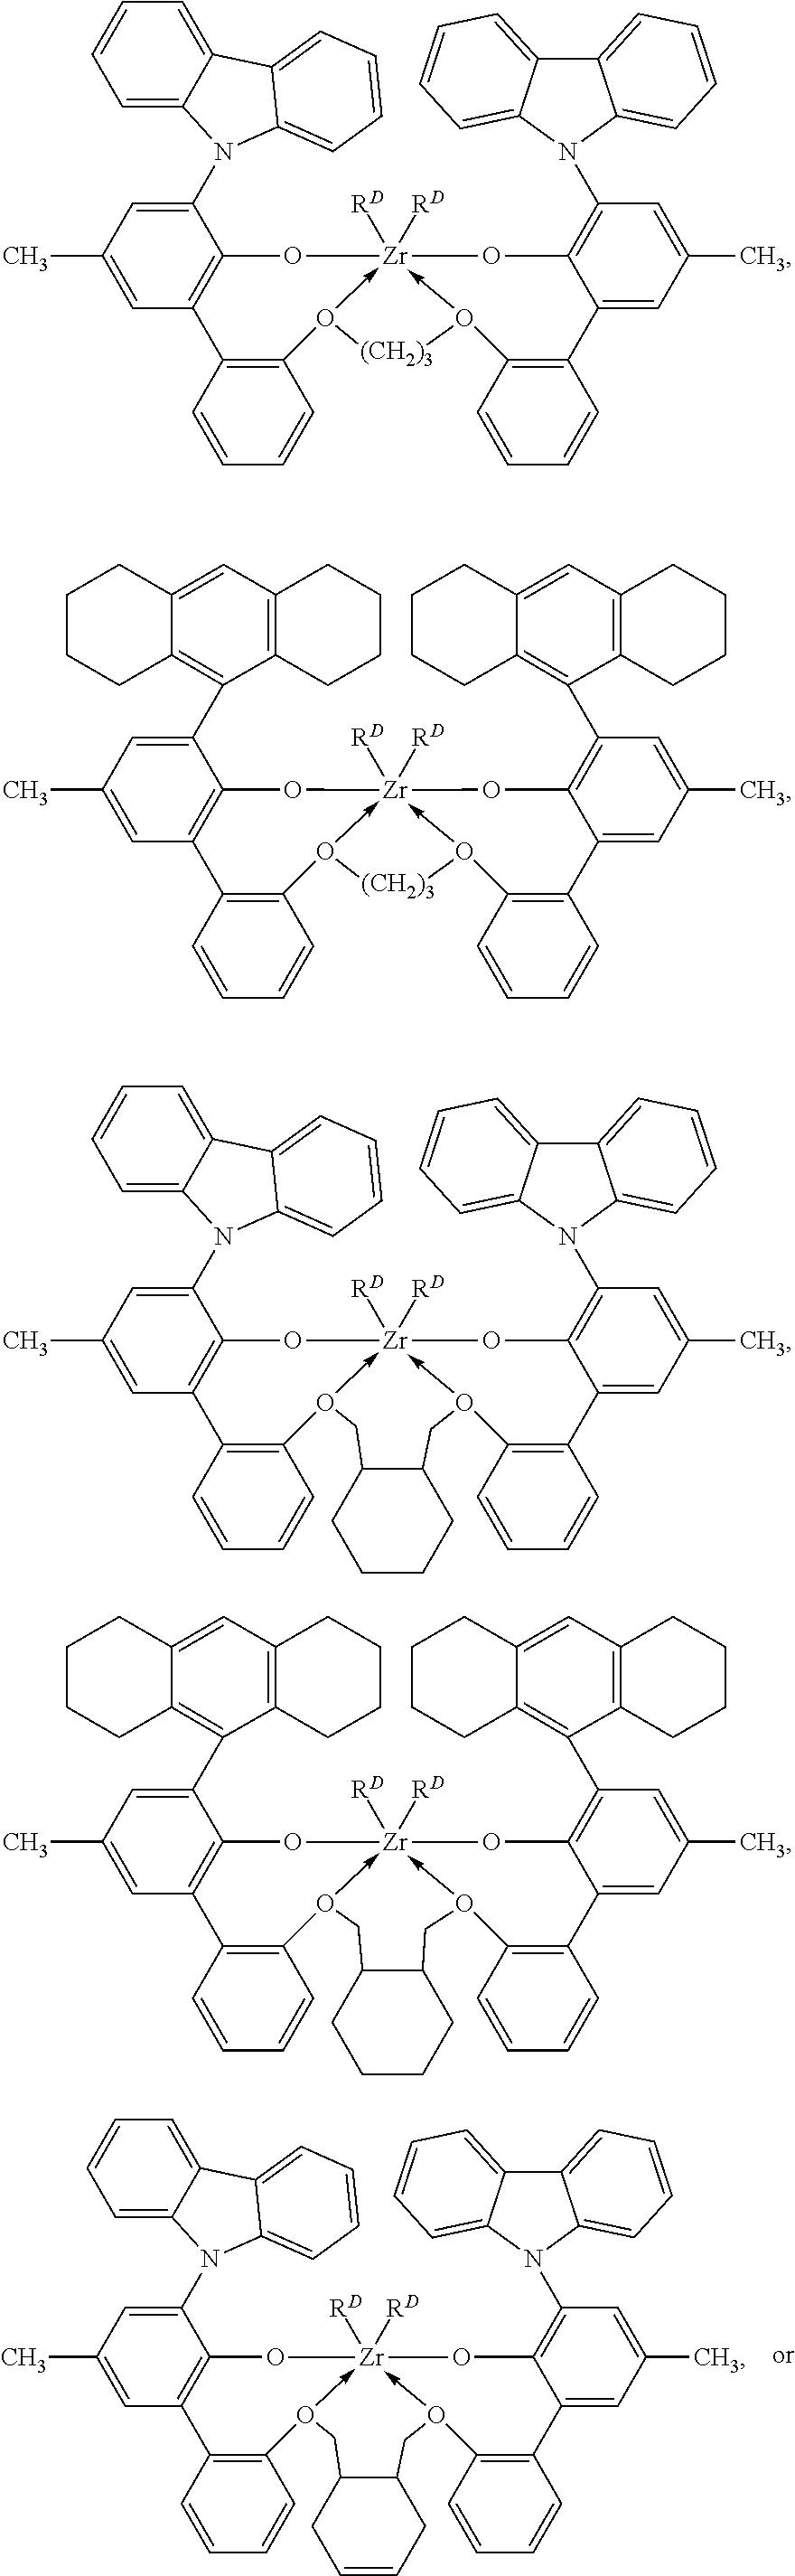 Figure US08349984-20130108-C00011